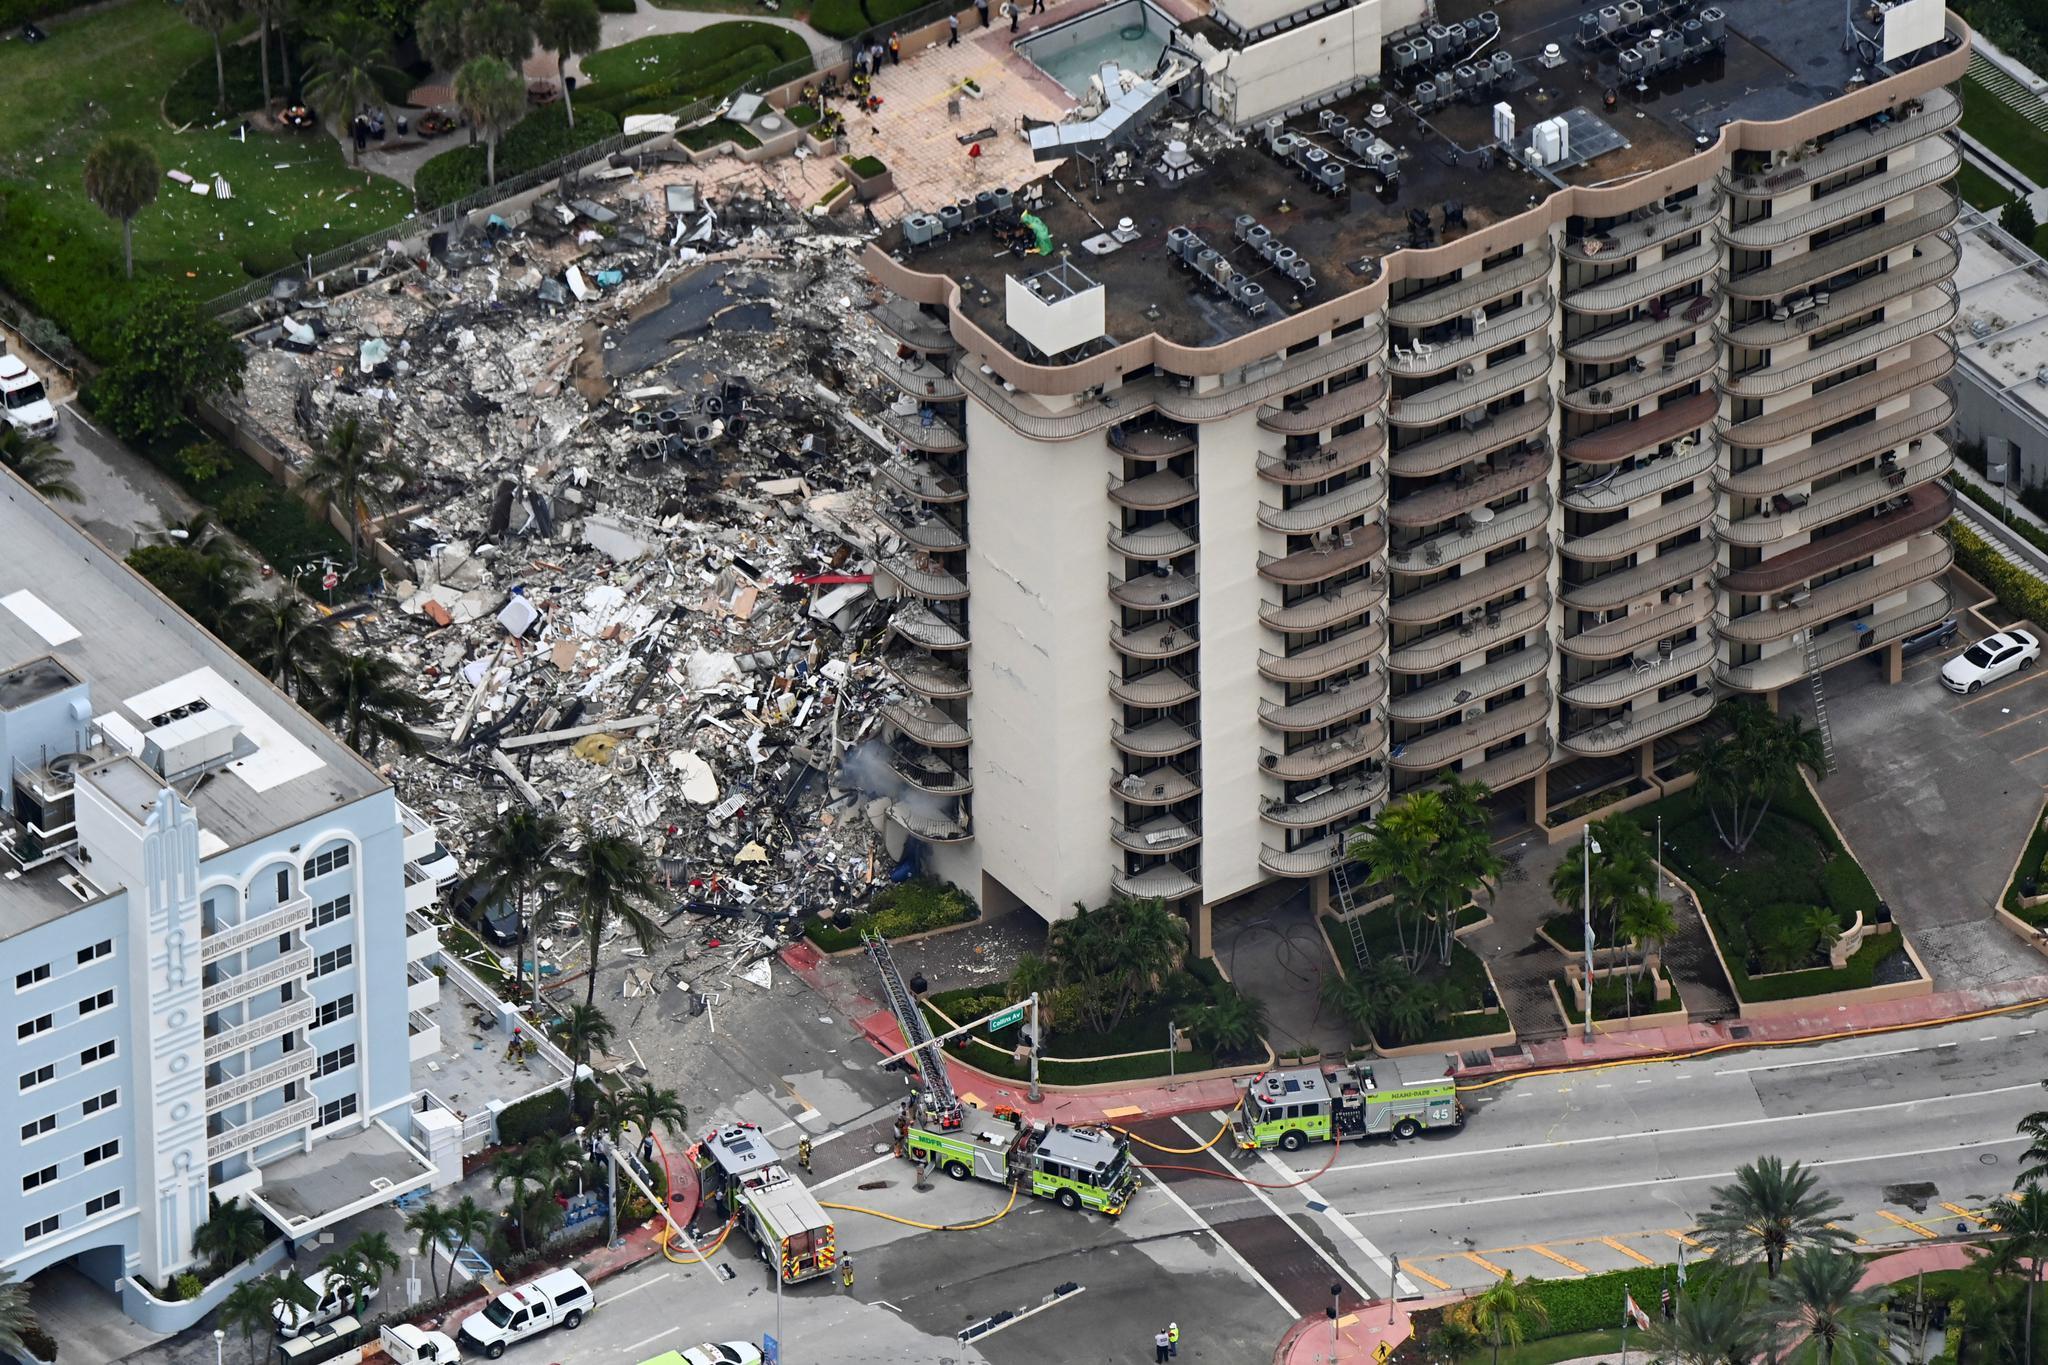 美国迈阿密12层公寓为什么会坍塌 美国公寓倒塌原因是什么